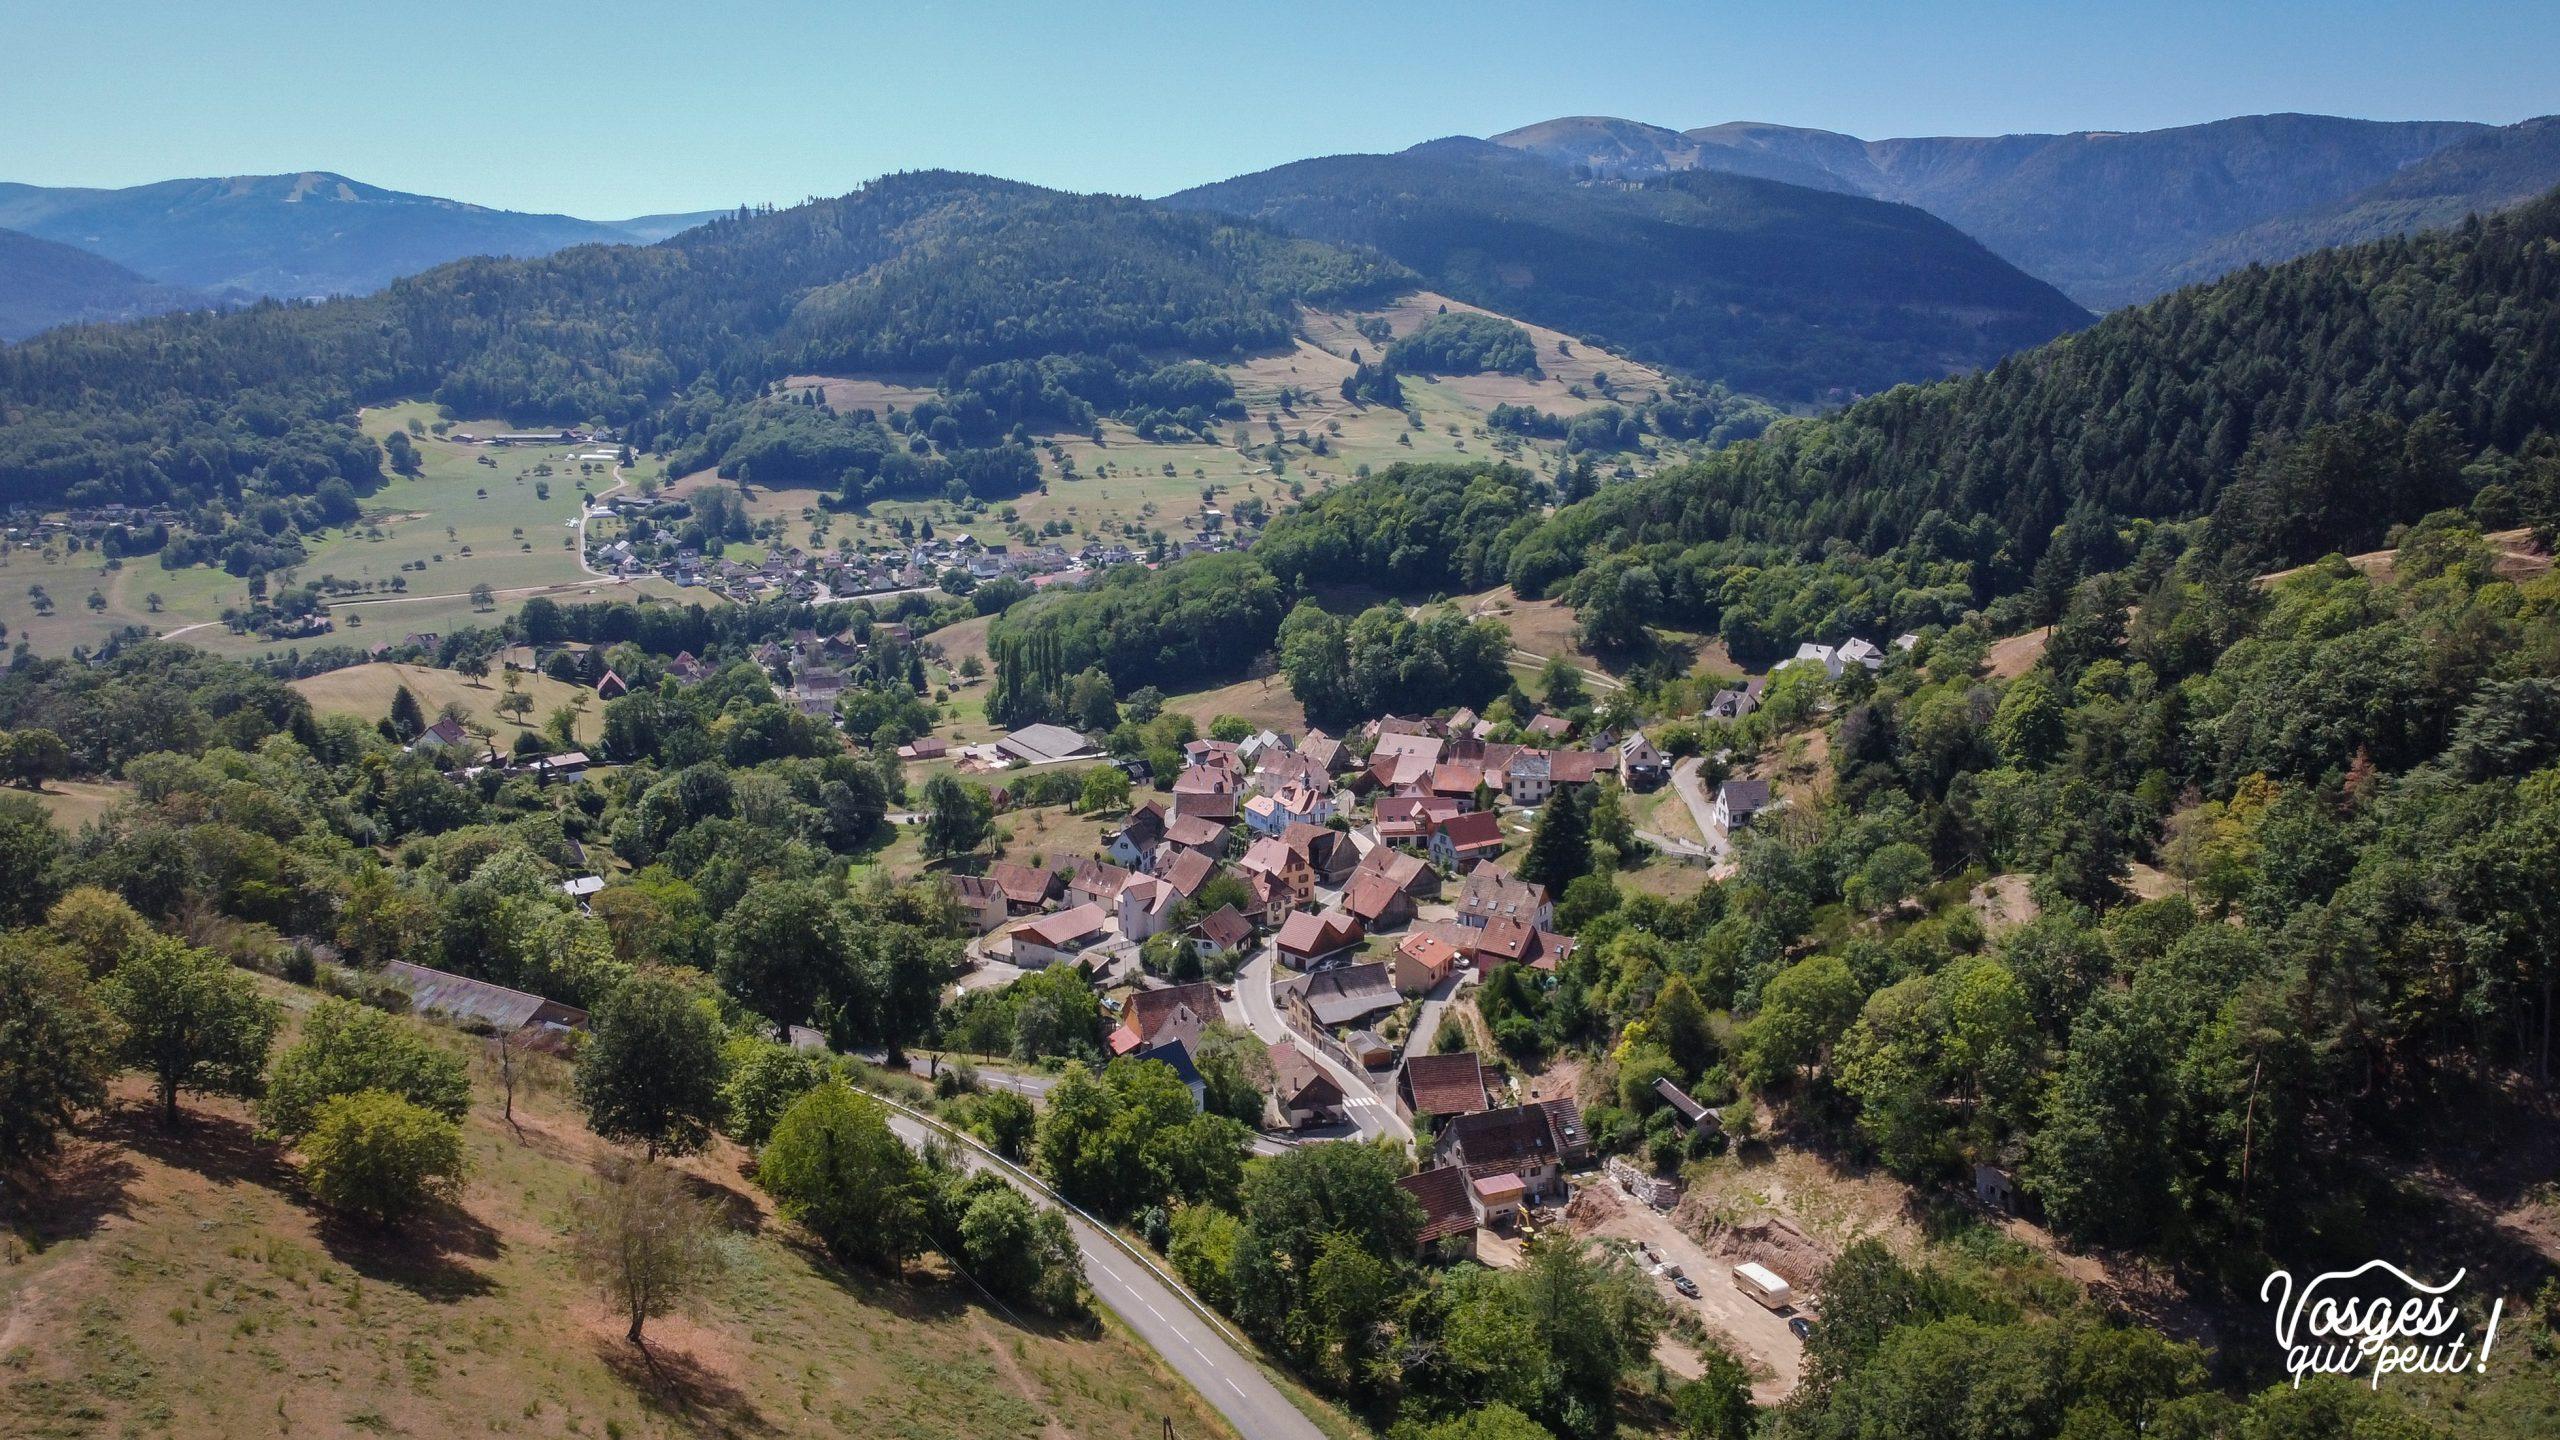 Vue aérienne du village de Hohrod dans les Vosges